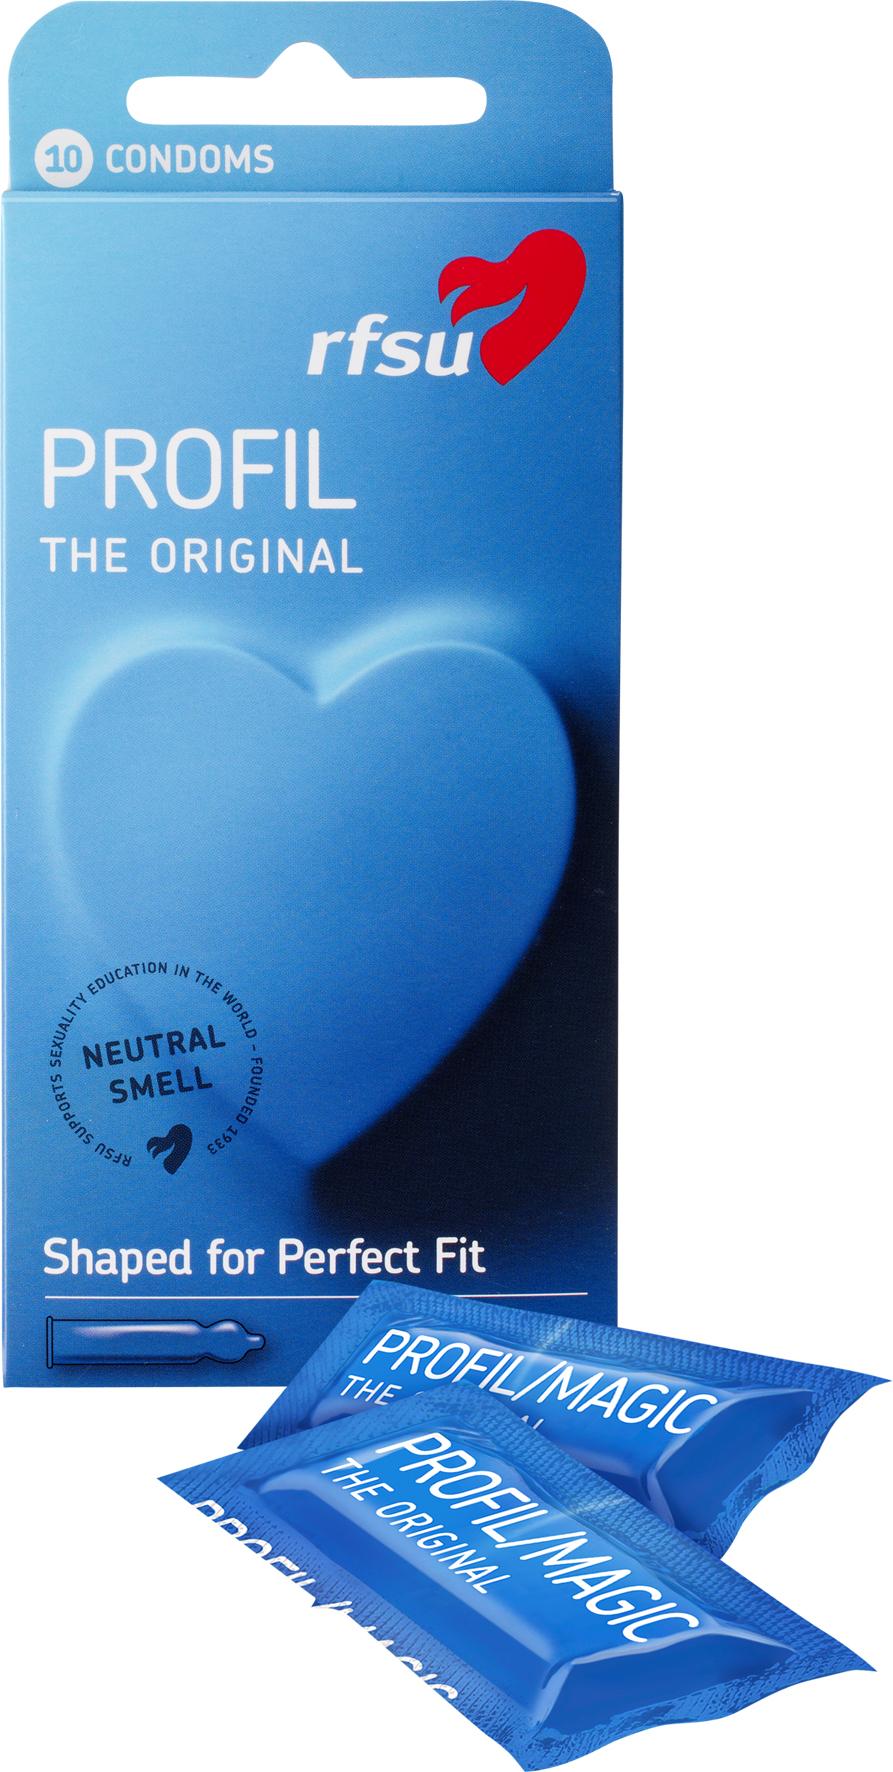 RFSU kondomer - Profil